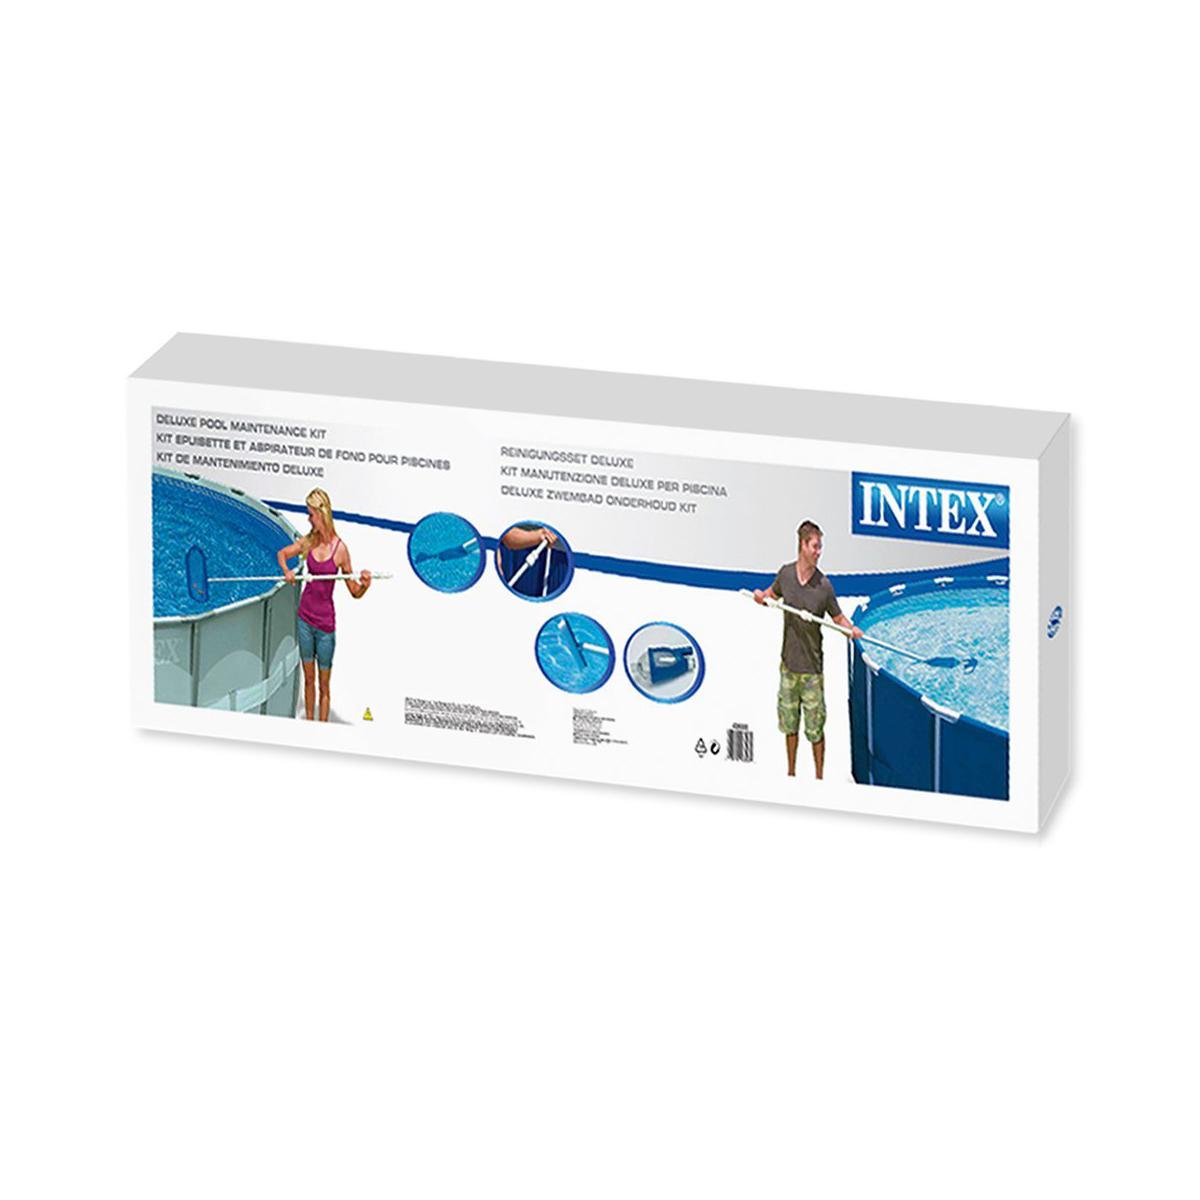 Intex 28003E | Kit Pulizia Deluxe | Confezione